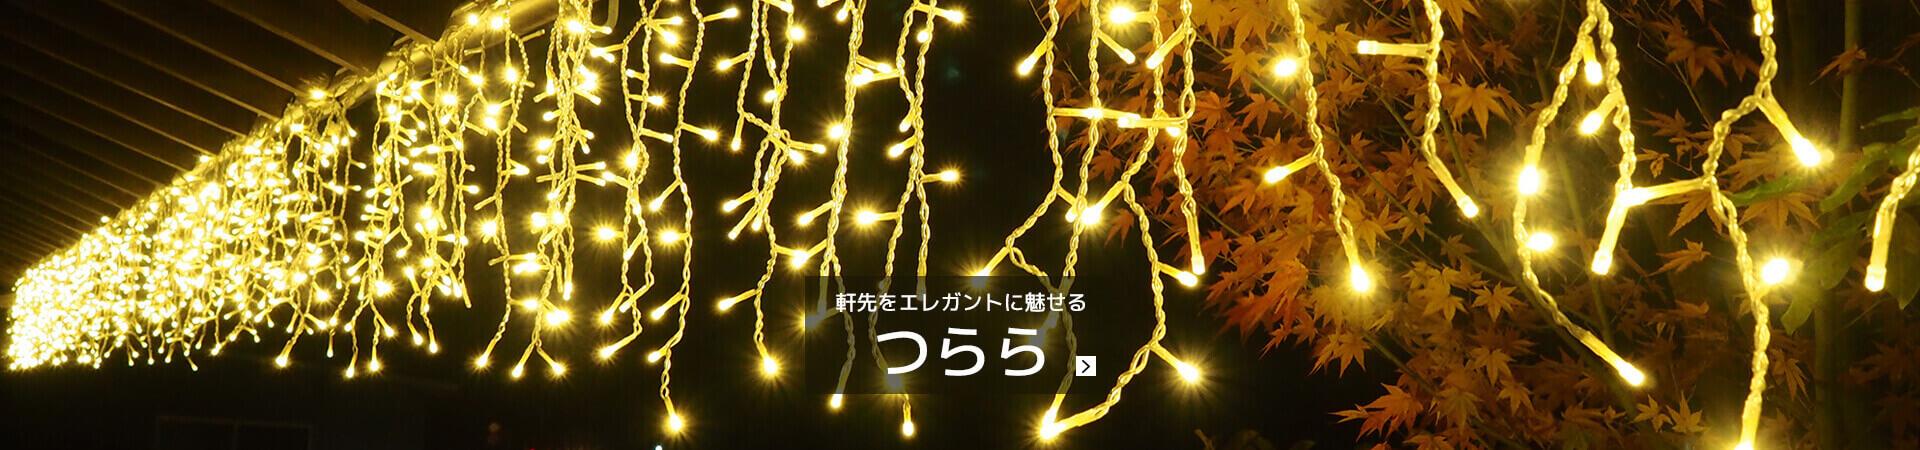 LEDイルミネーション電飾 つららライト